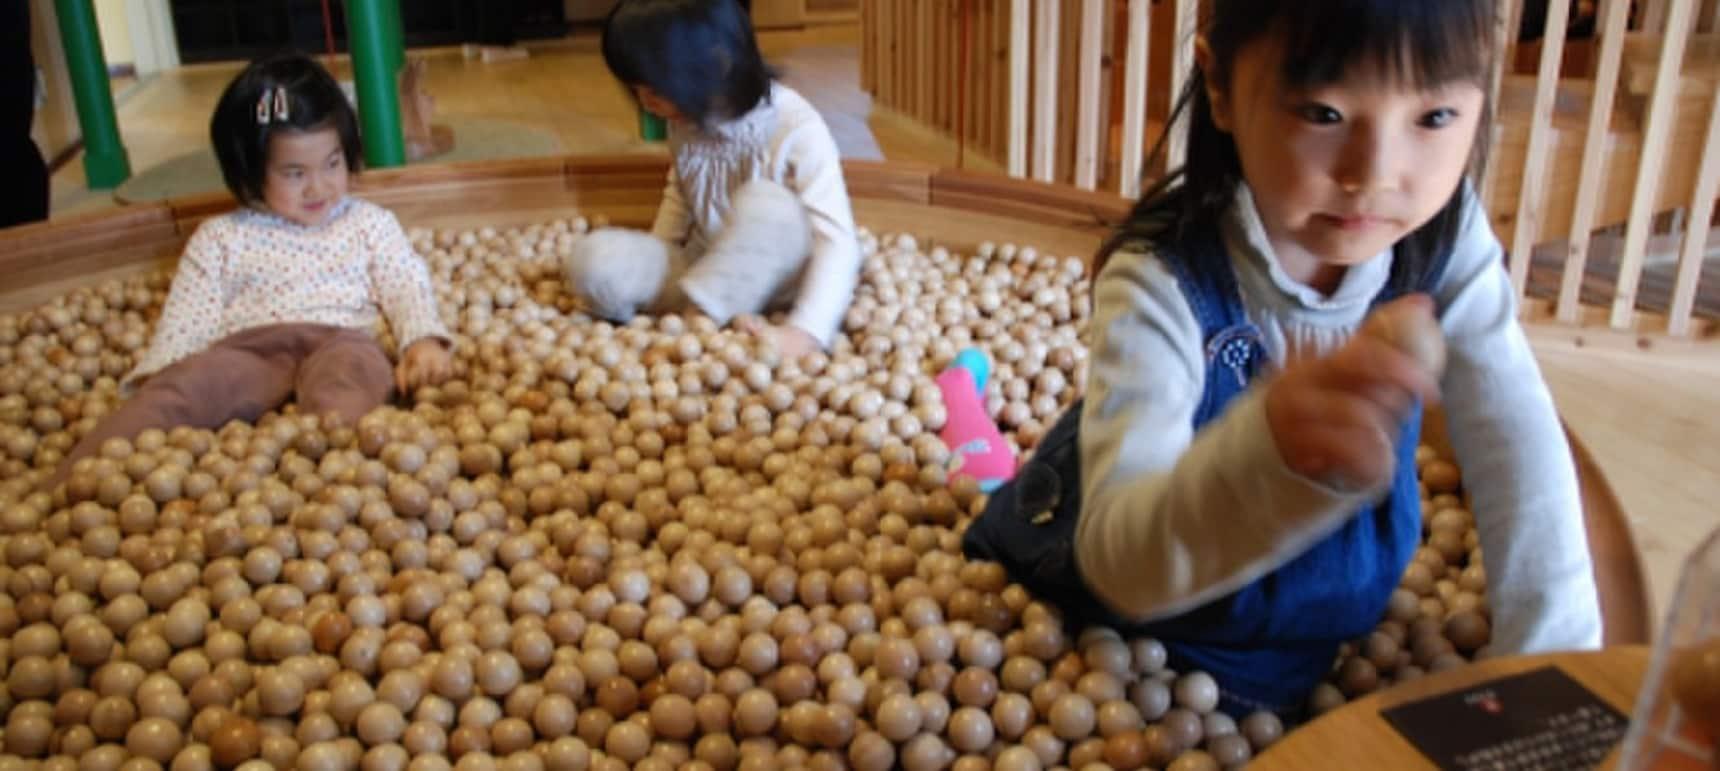 7 พิพิธภัณฑ์ของเล่น จากเหนือจรดใต้ของญี่ปุ่น